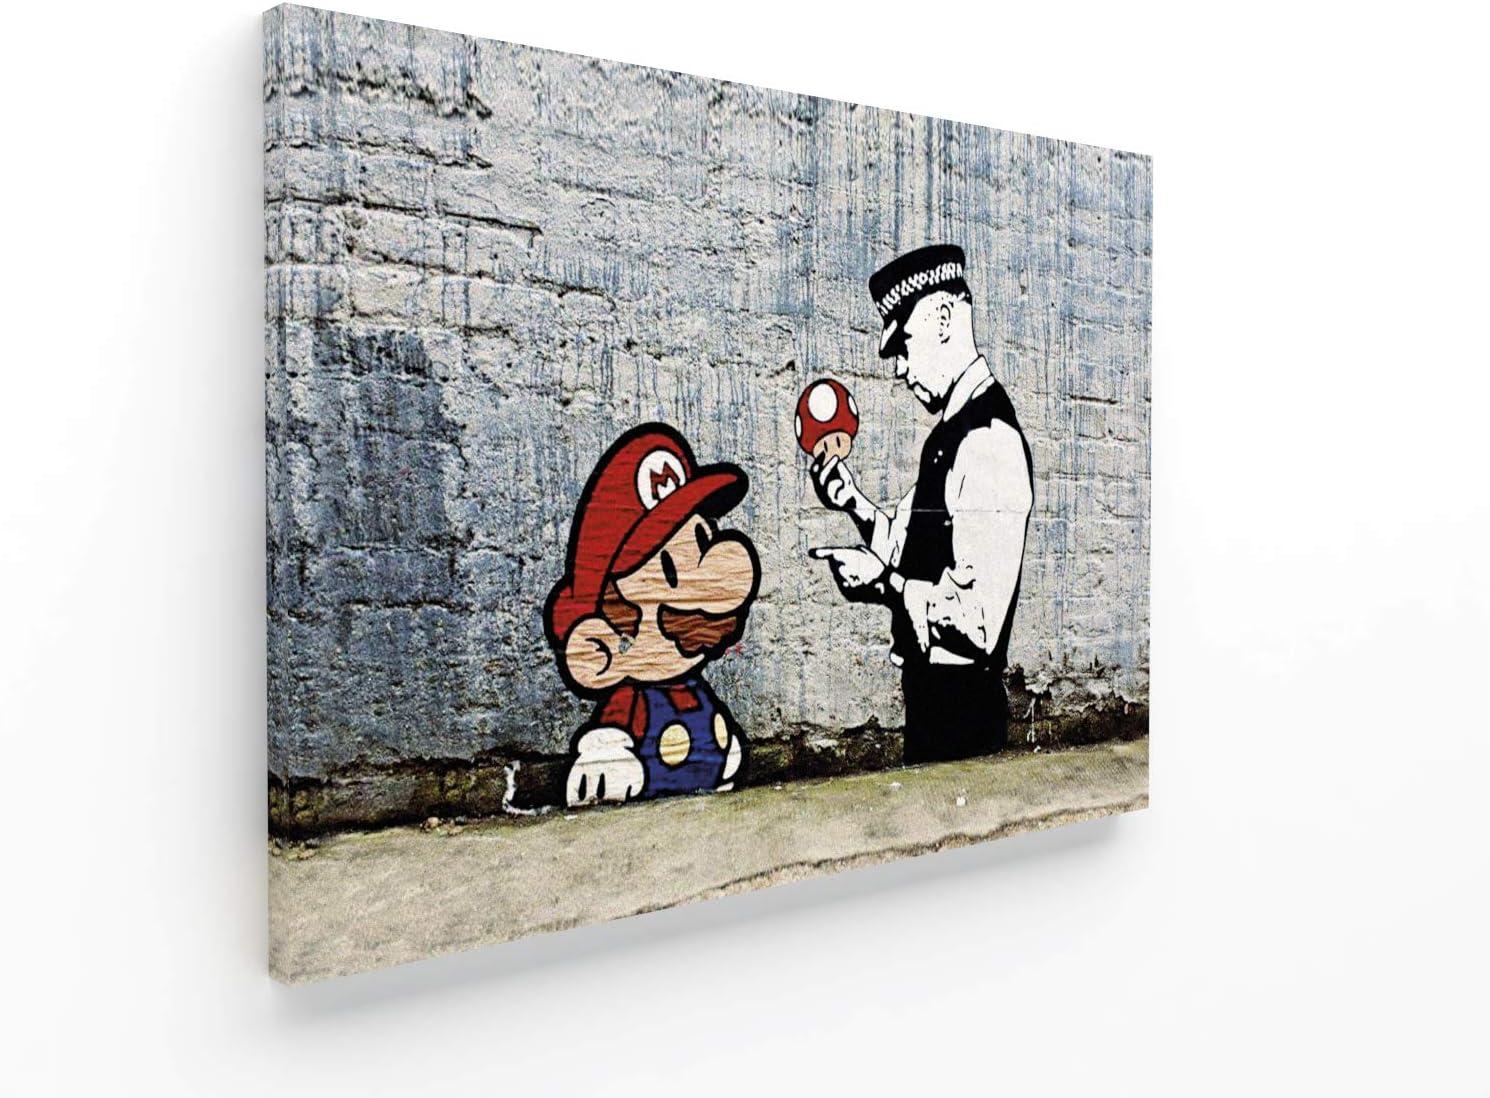 /5 piezas XXL Impresi/ón Material Tejido no Tejido Art/ística Imagen Gr/áfica Decoracion de Pared /006551b Cuadro en Lienzo/Banksy Street Art Mario 200 x 100 cm Listo para colgar